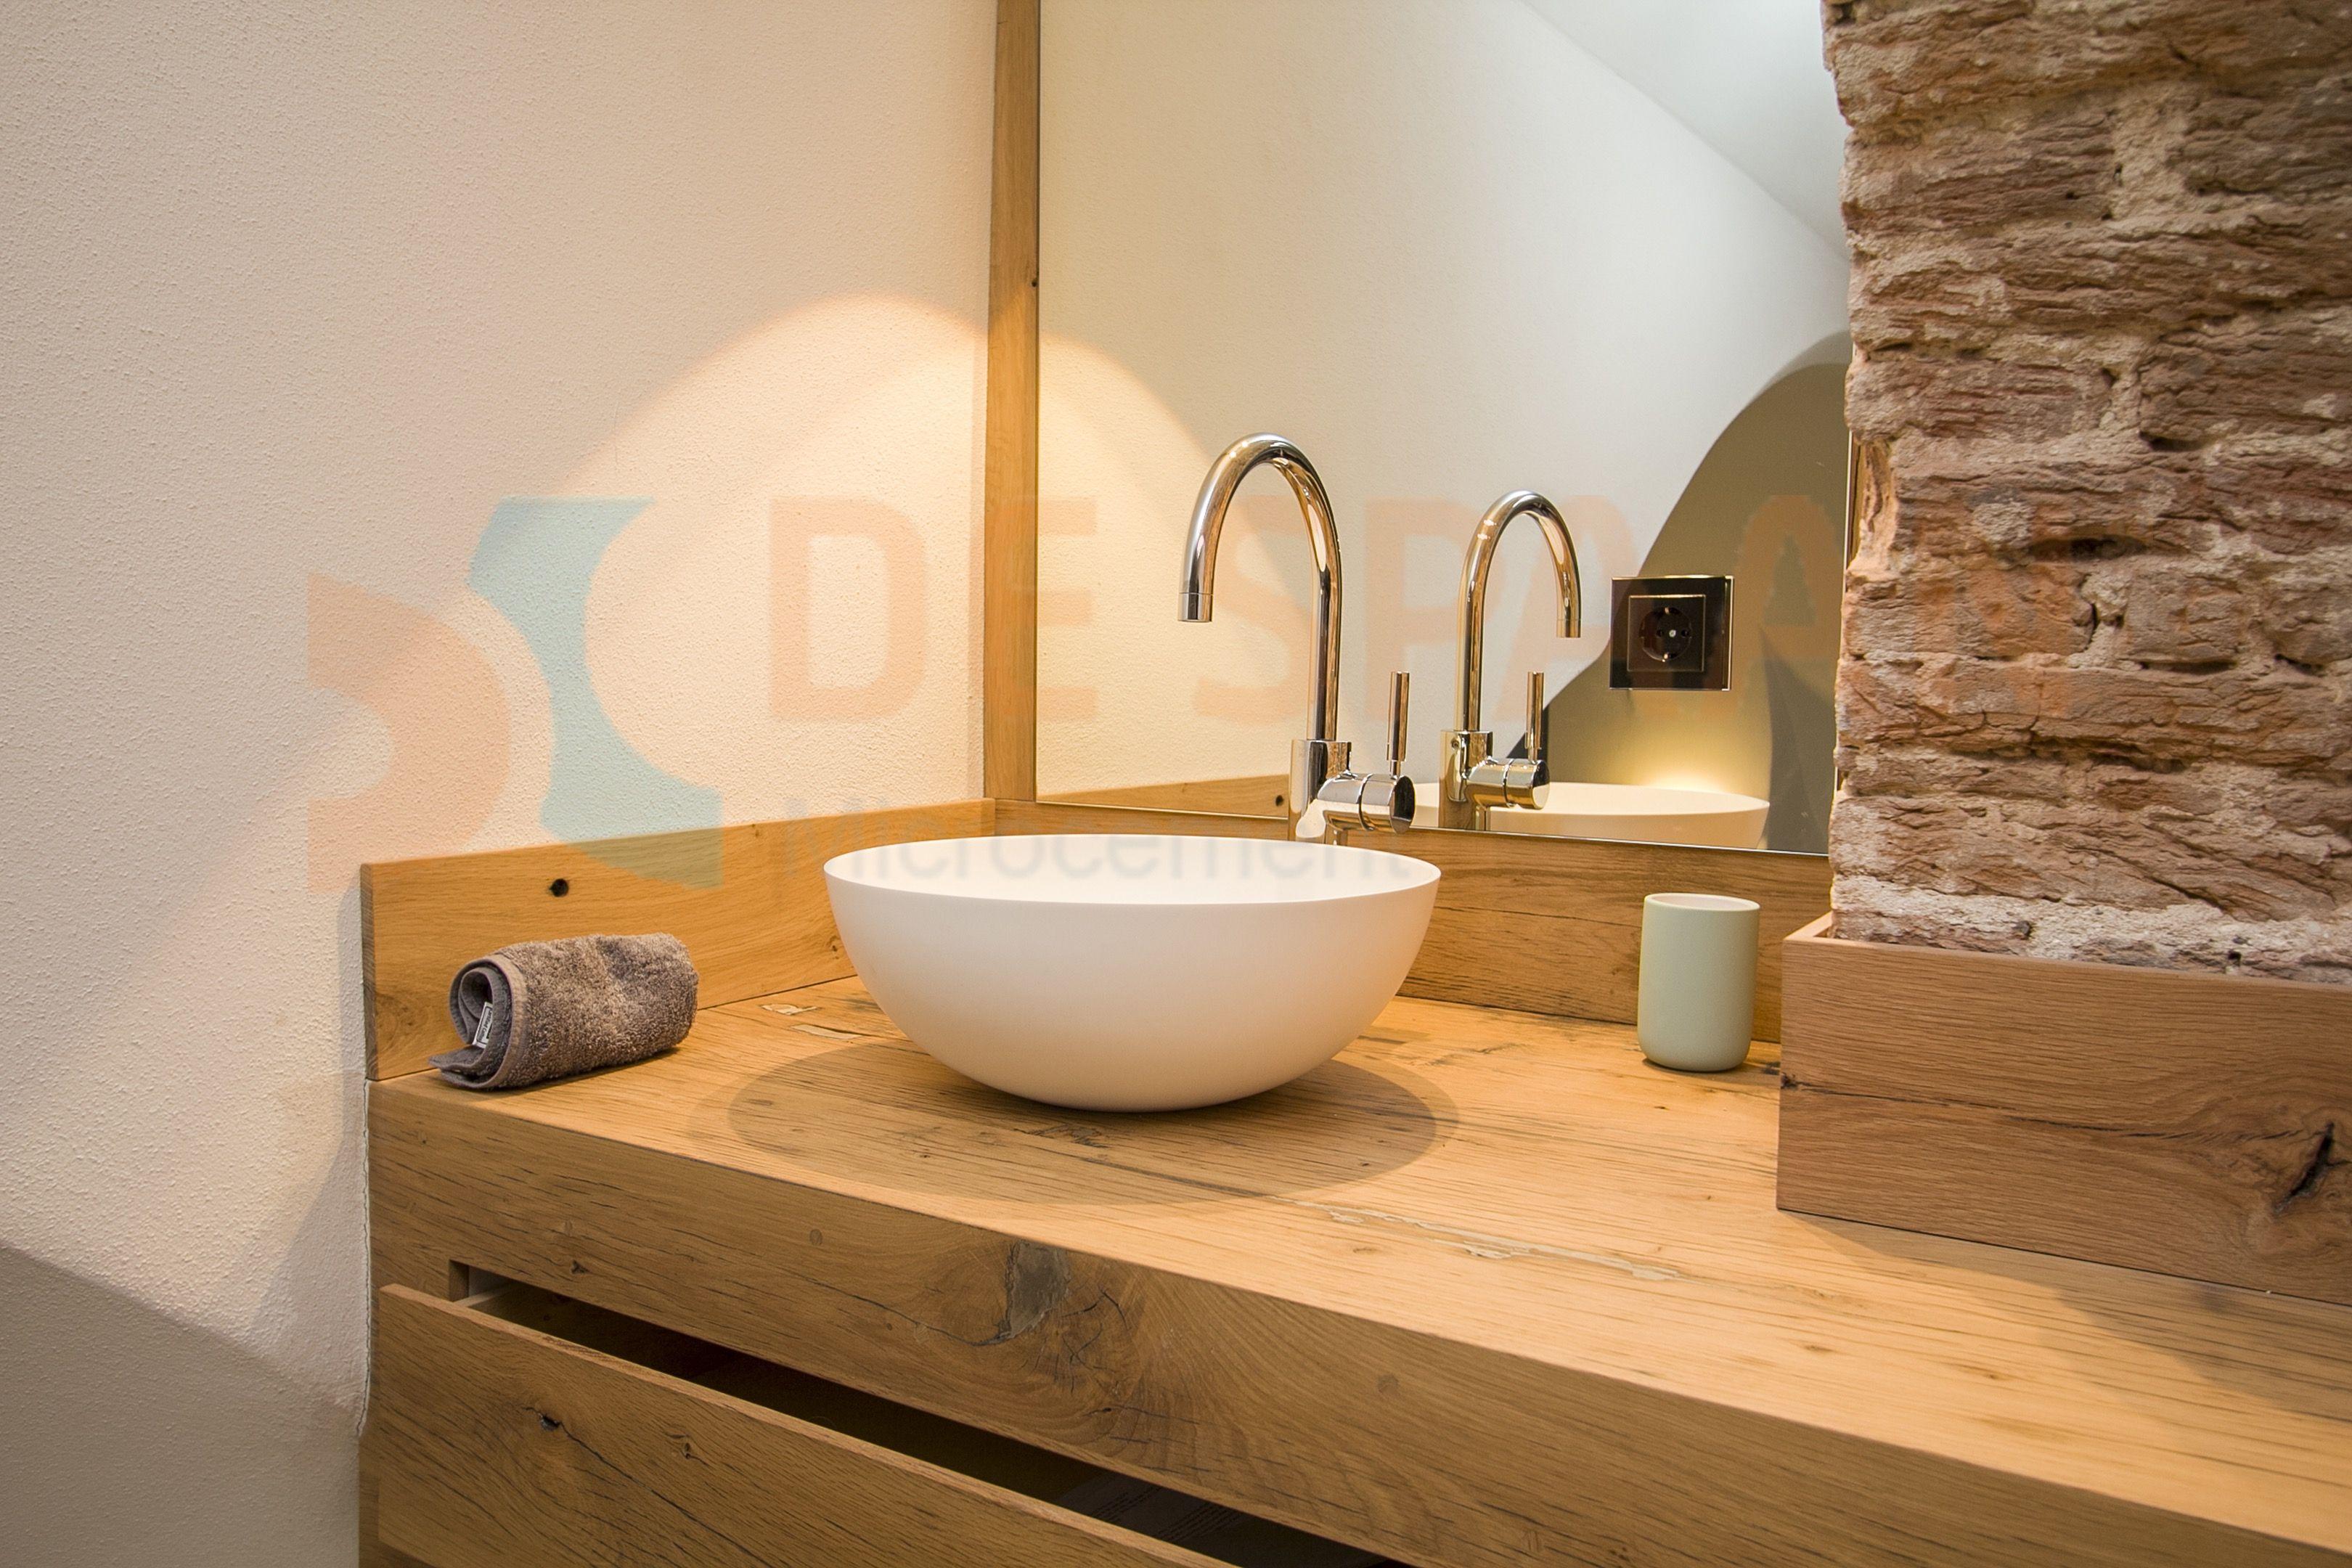 Naadloze Badkamer Wanden : Naadloze badkamer microcement betonlook badkamerinspiratie